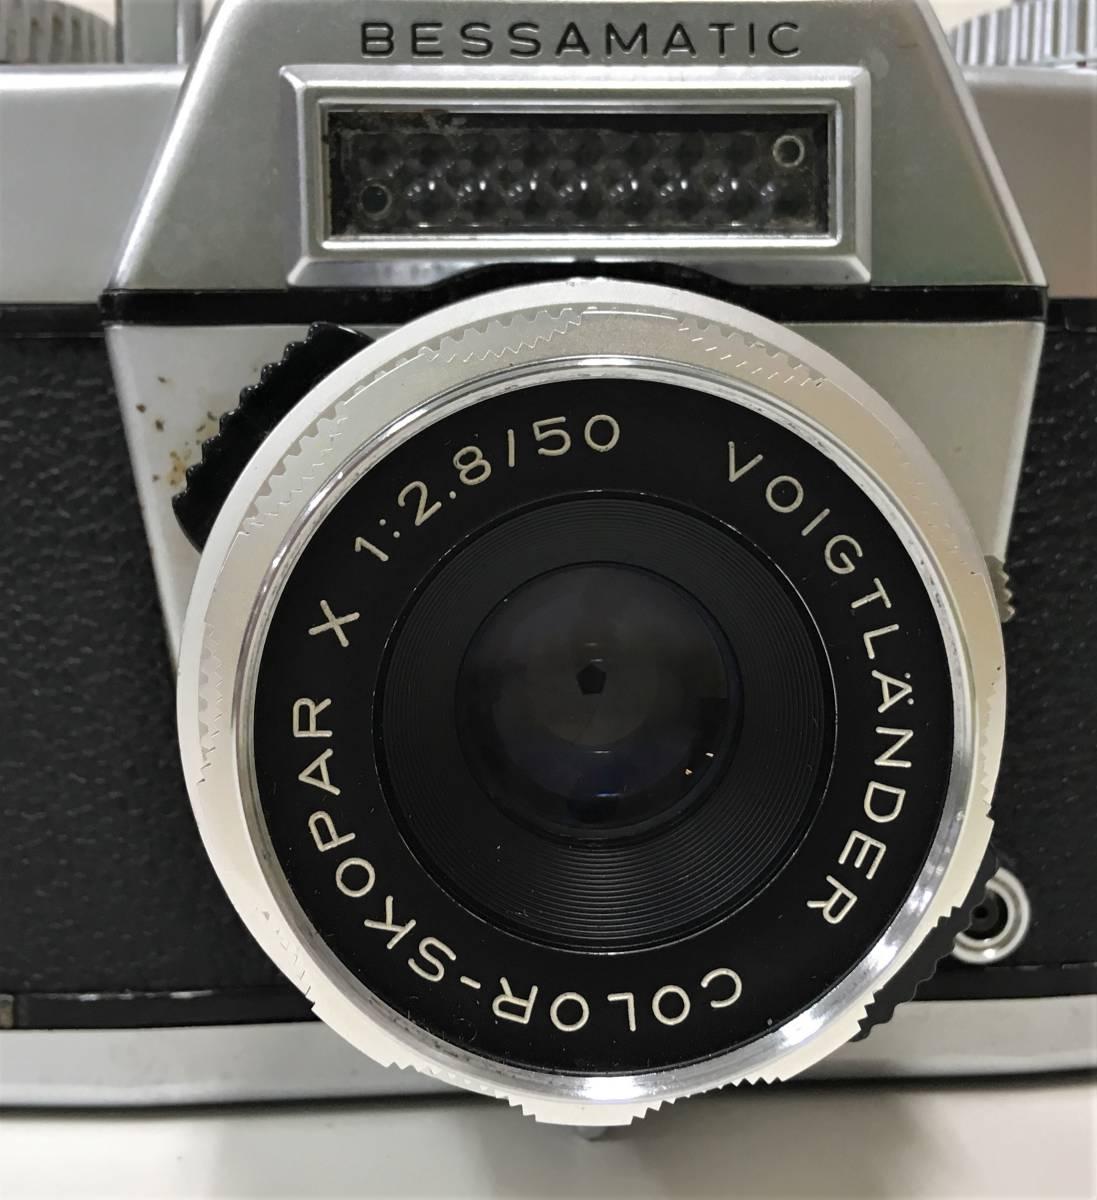 西ドイツ製 カメラ+レンズ3つセット【Voigtlander BESSAMATIC・Skopar X 1:2.8/50・Super-Dynarex 1:4/135など】箱有/A5730_画像7